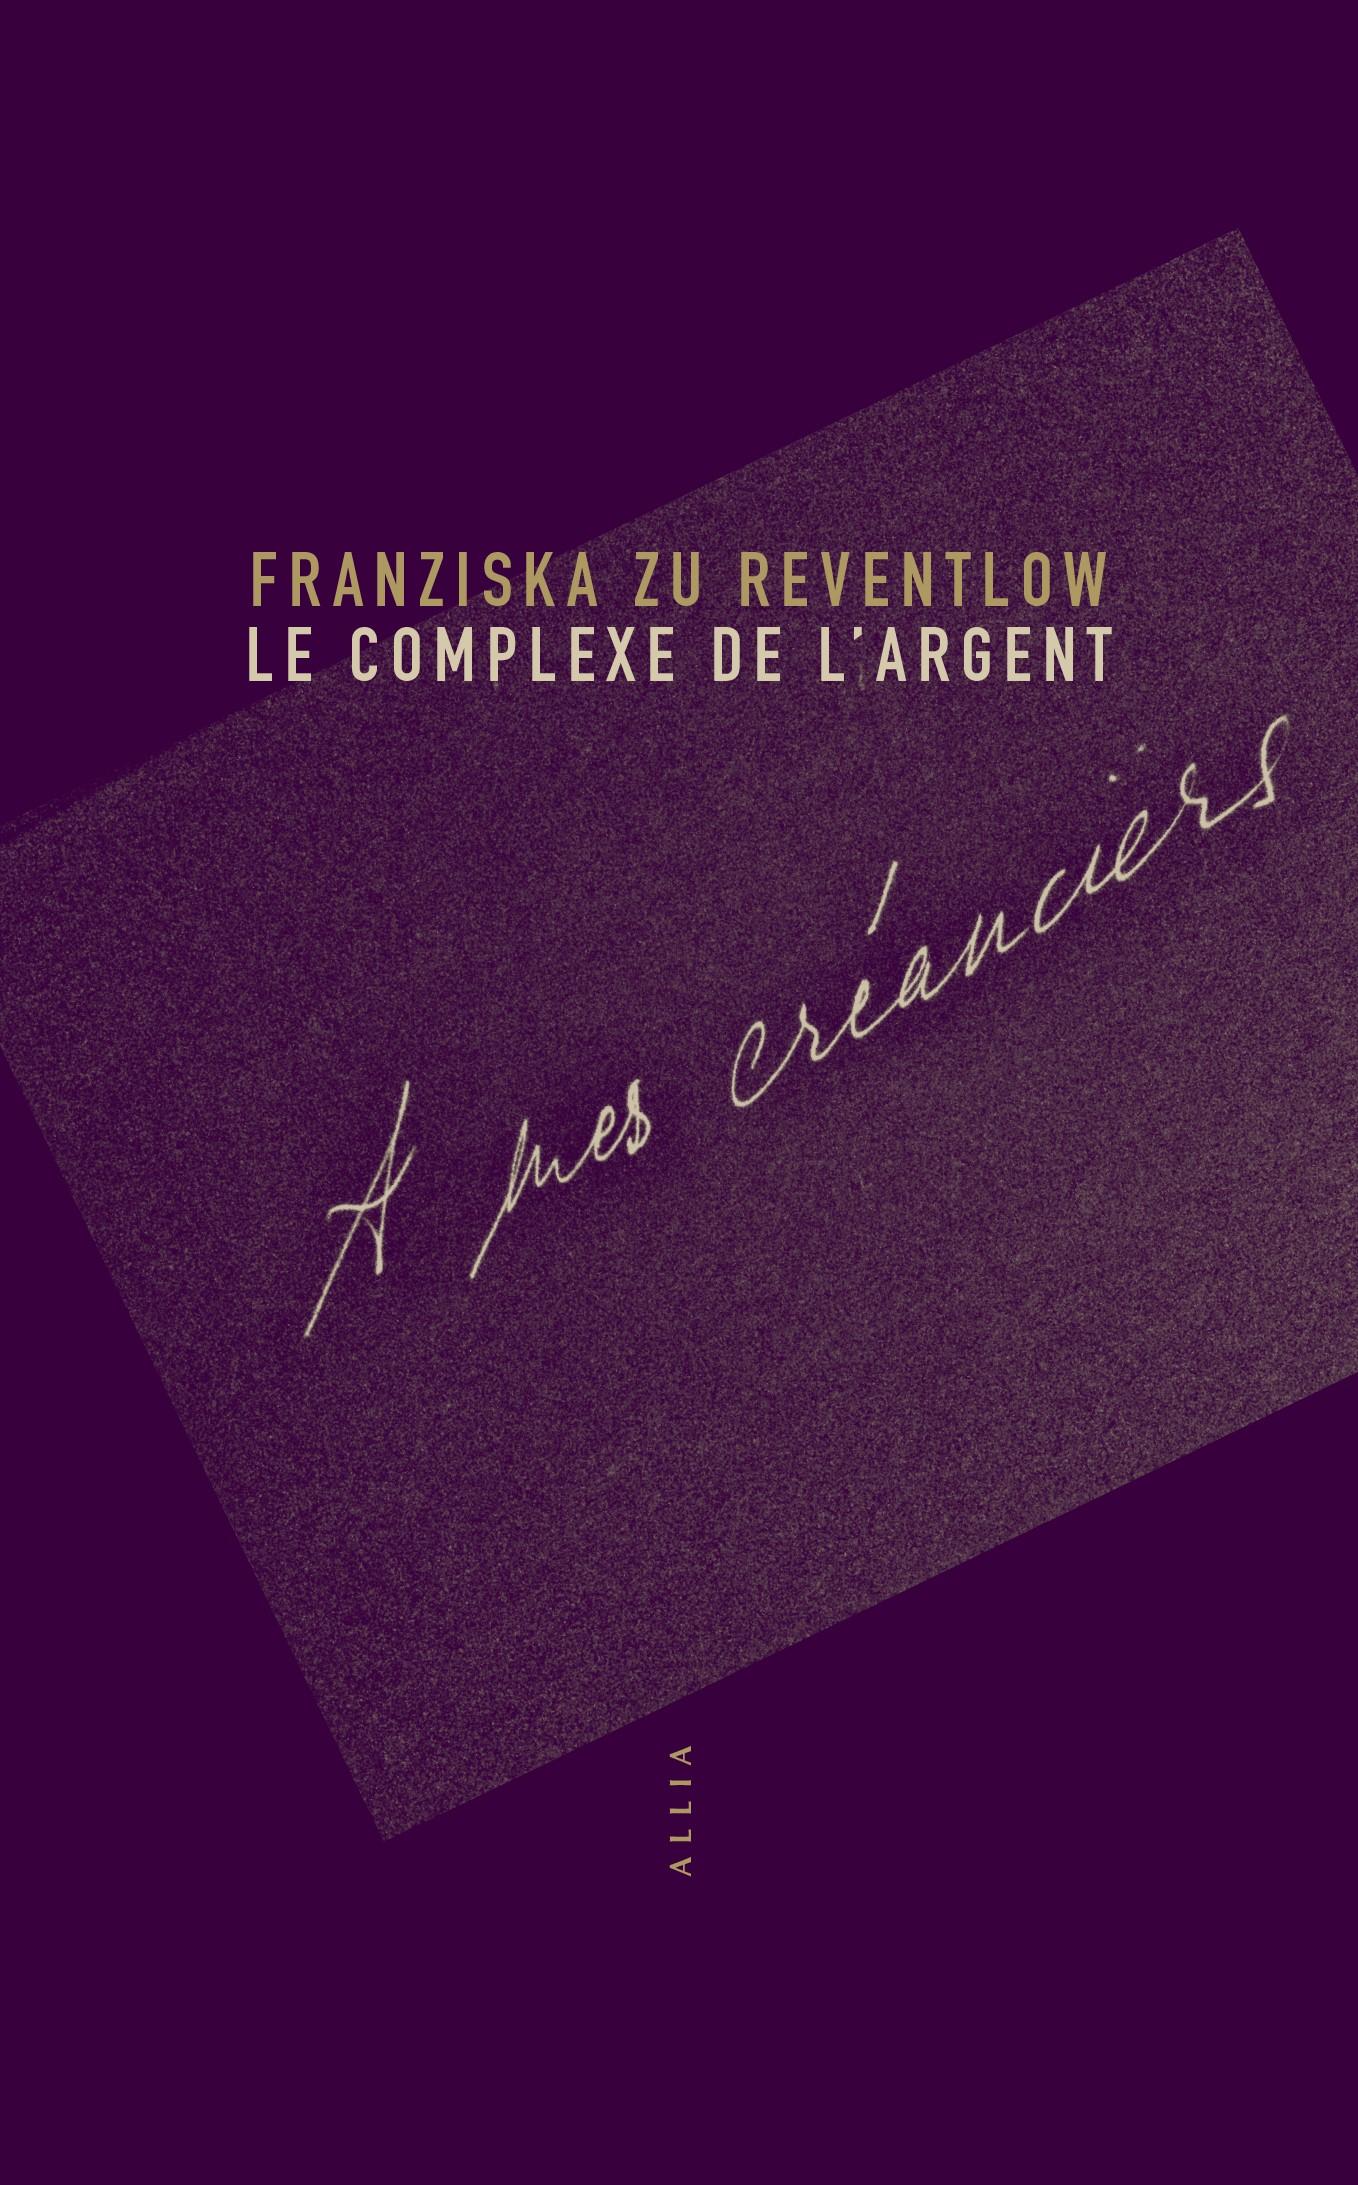 F. zu Reventlow, Le Complexe de l'argent